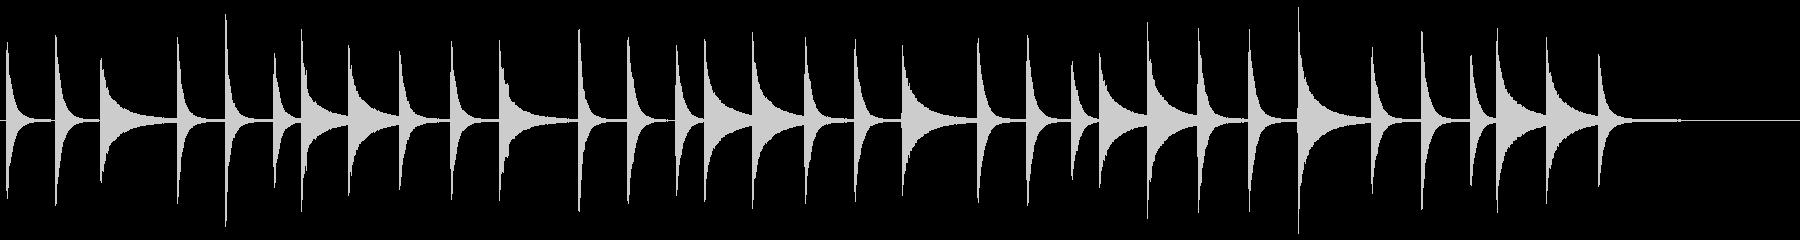 Agogo Bell:2つのベル、...の未再生の波形